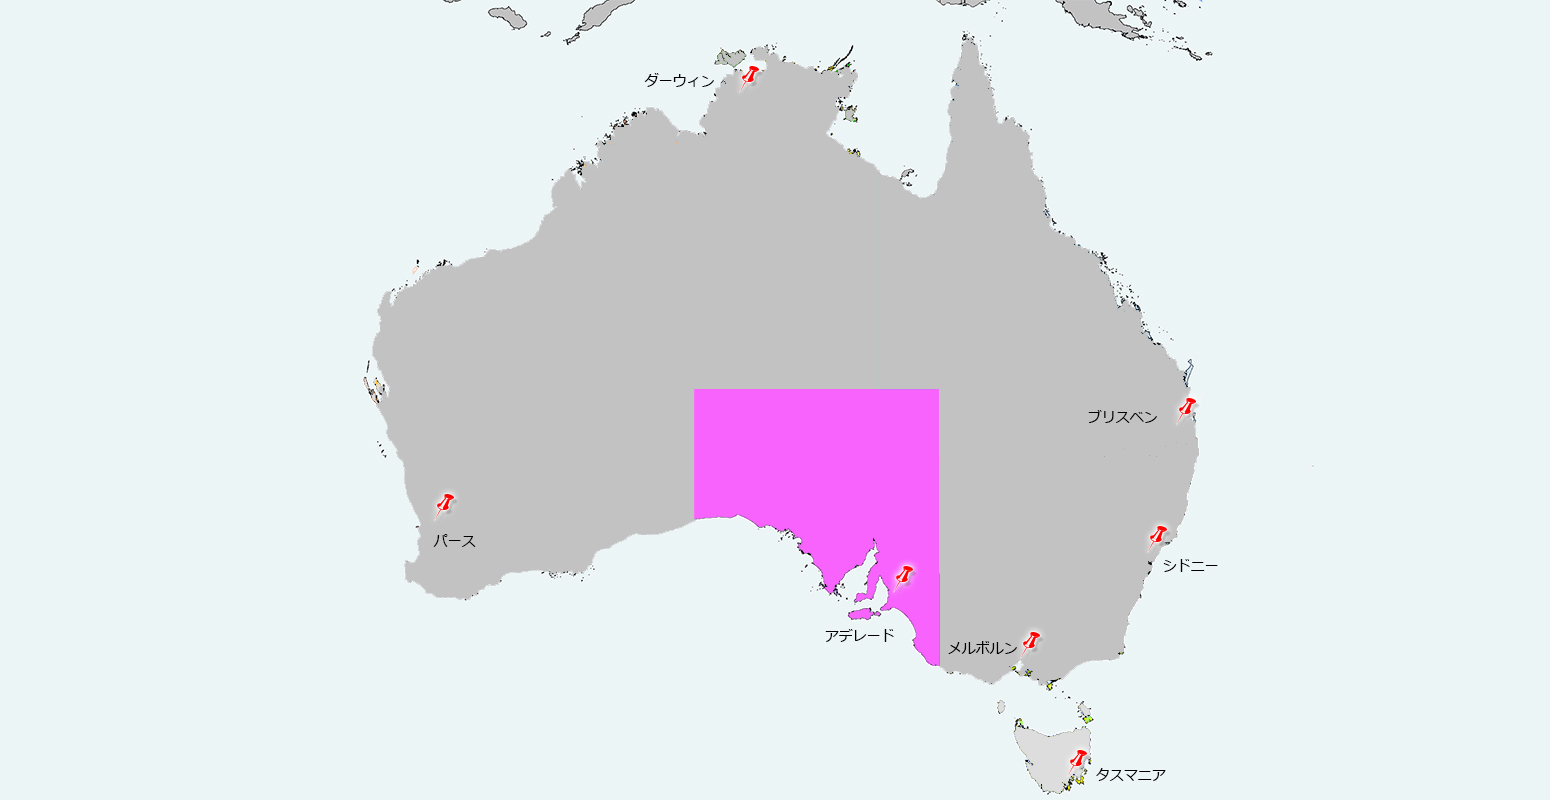 南オーストラリア州のアデレード